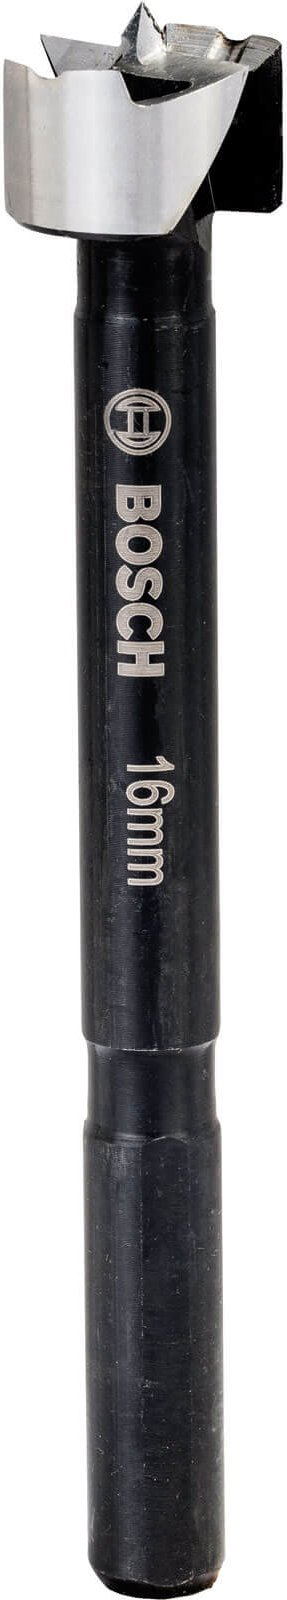 Bosch Wood Forstner Bit 16mm